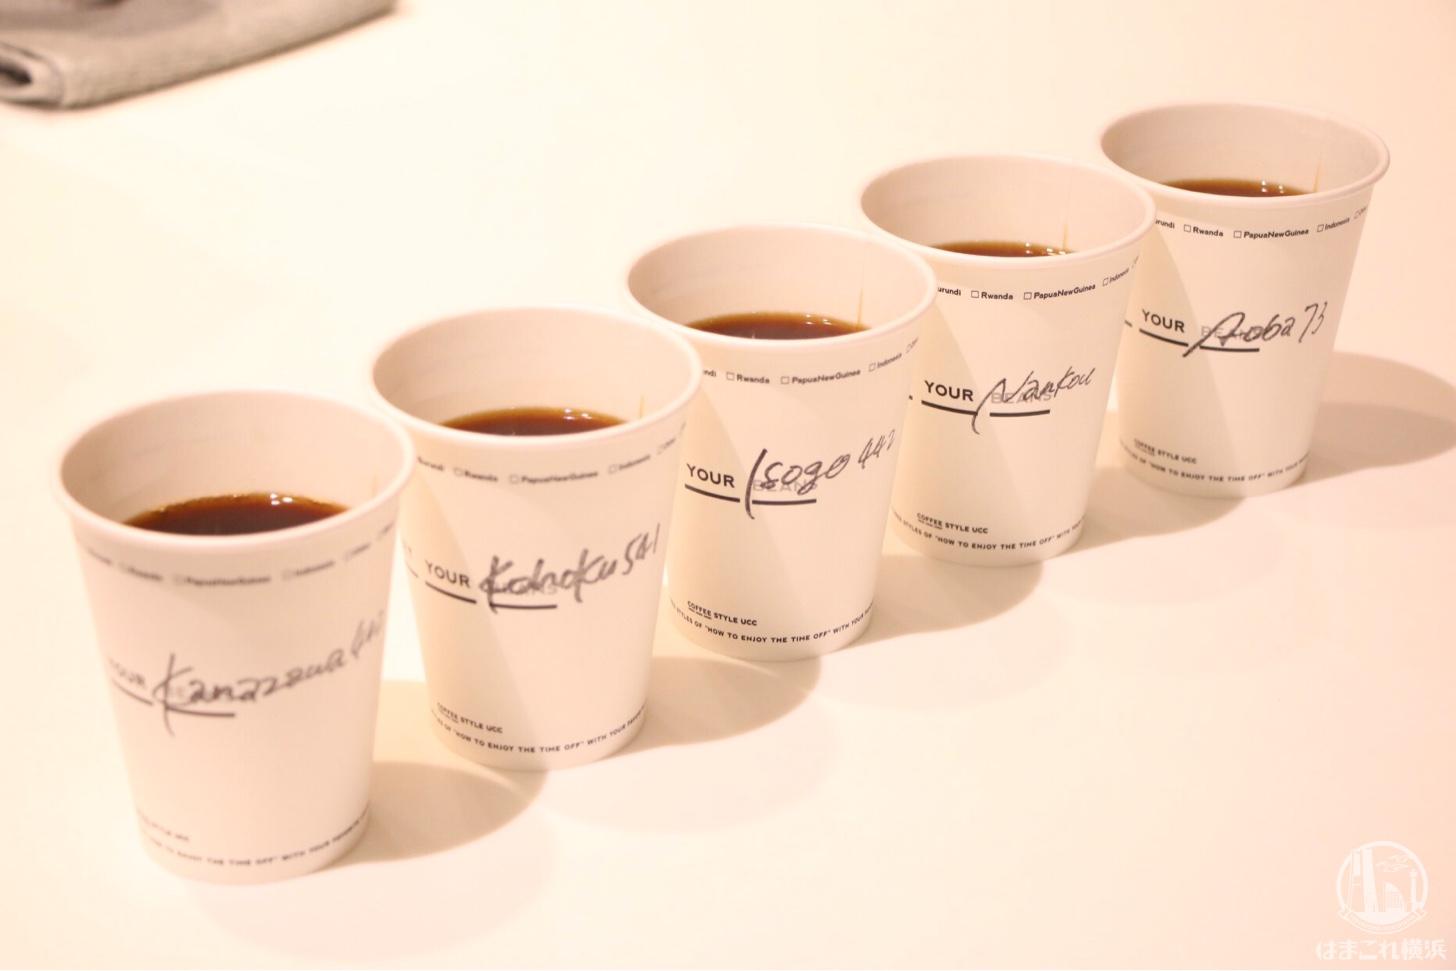 コーヒースタイルUCC 横浜がフード×コーヒーの選び方を新提案!横浜市をイメージしたコーヒーも